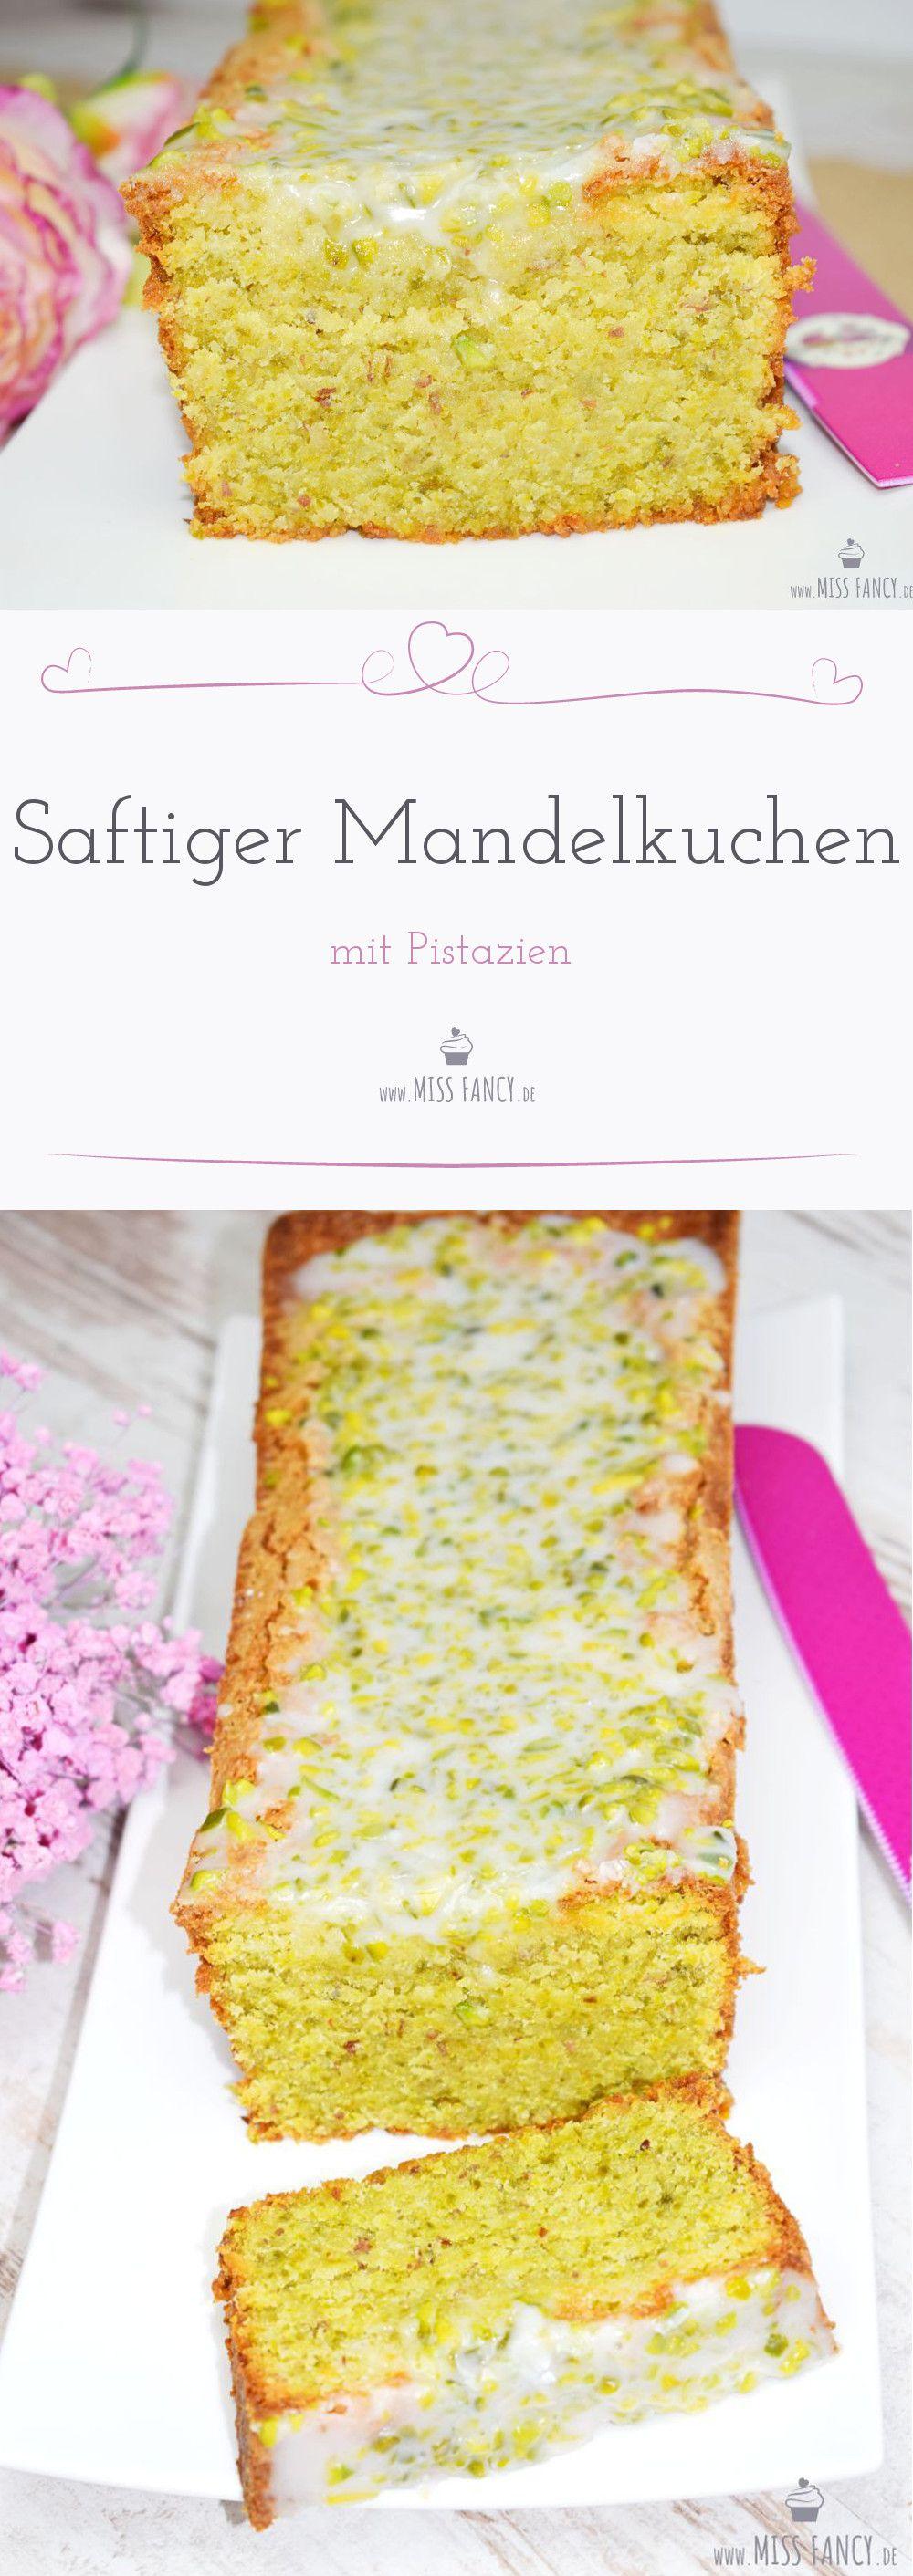 Ein beliebtes Rezept ist unser Mandelkuchen mit Pistazien der sogar glutenfrei gebacken werden kann Ein saftiger und schmackhafter Kuchen für jeden Anlass